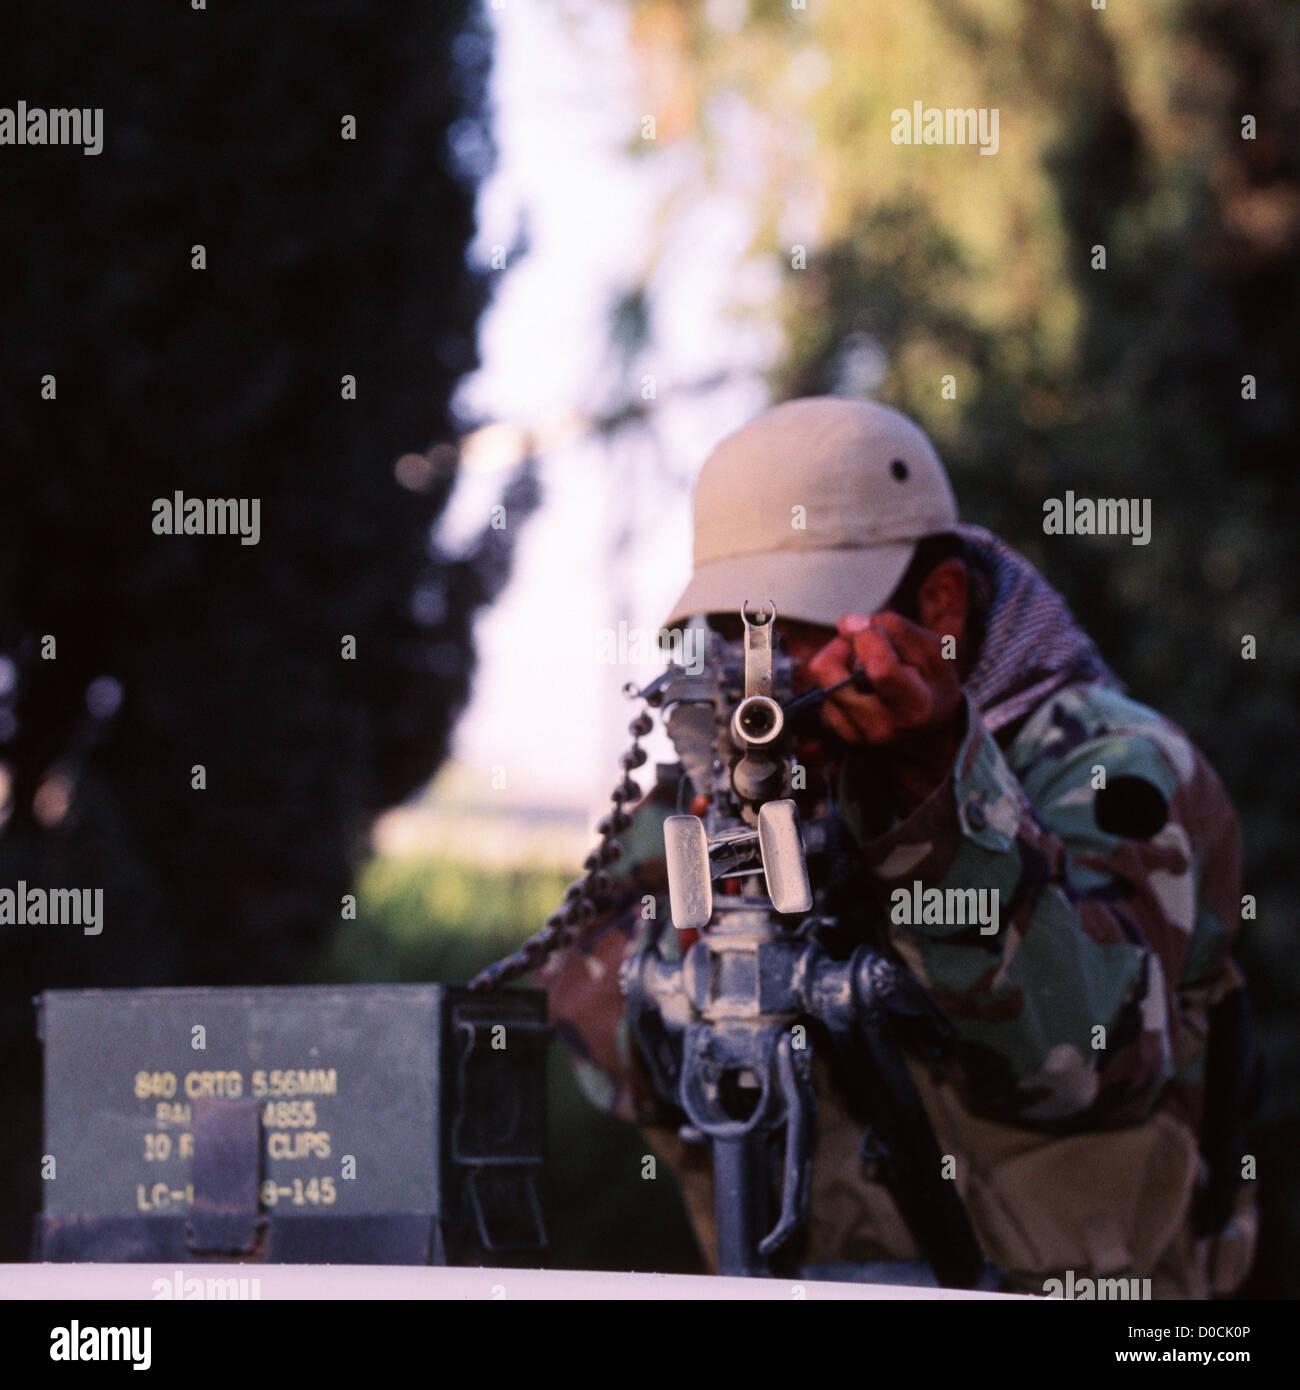 An Afghan Commando Aims a PK Light Machine Gun - Stock Image